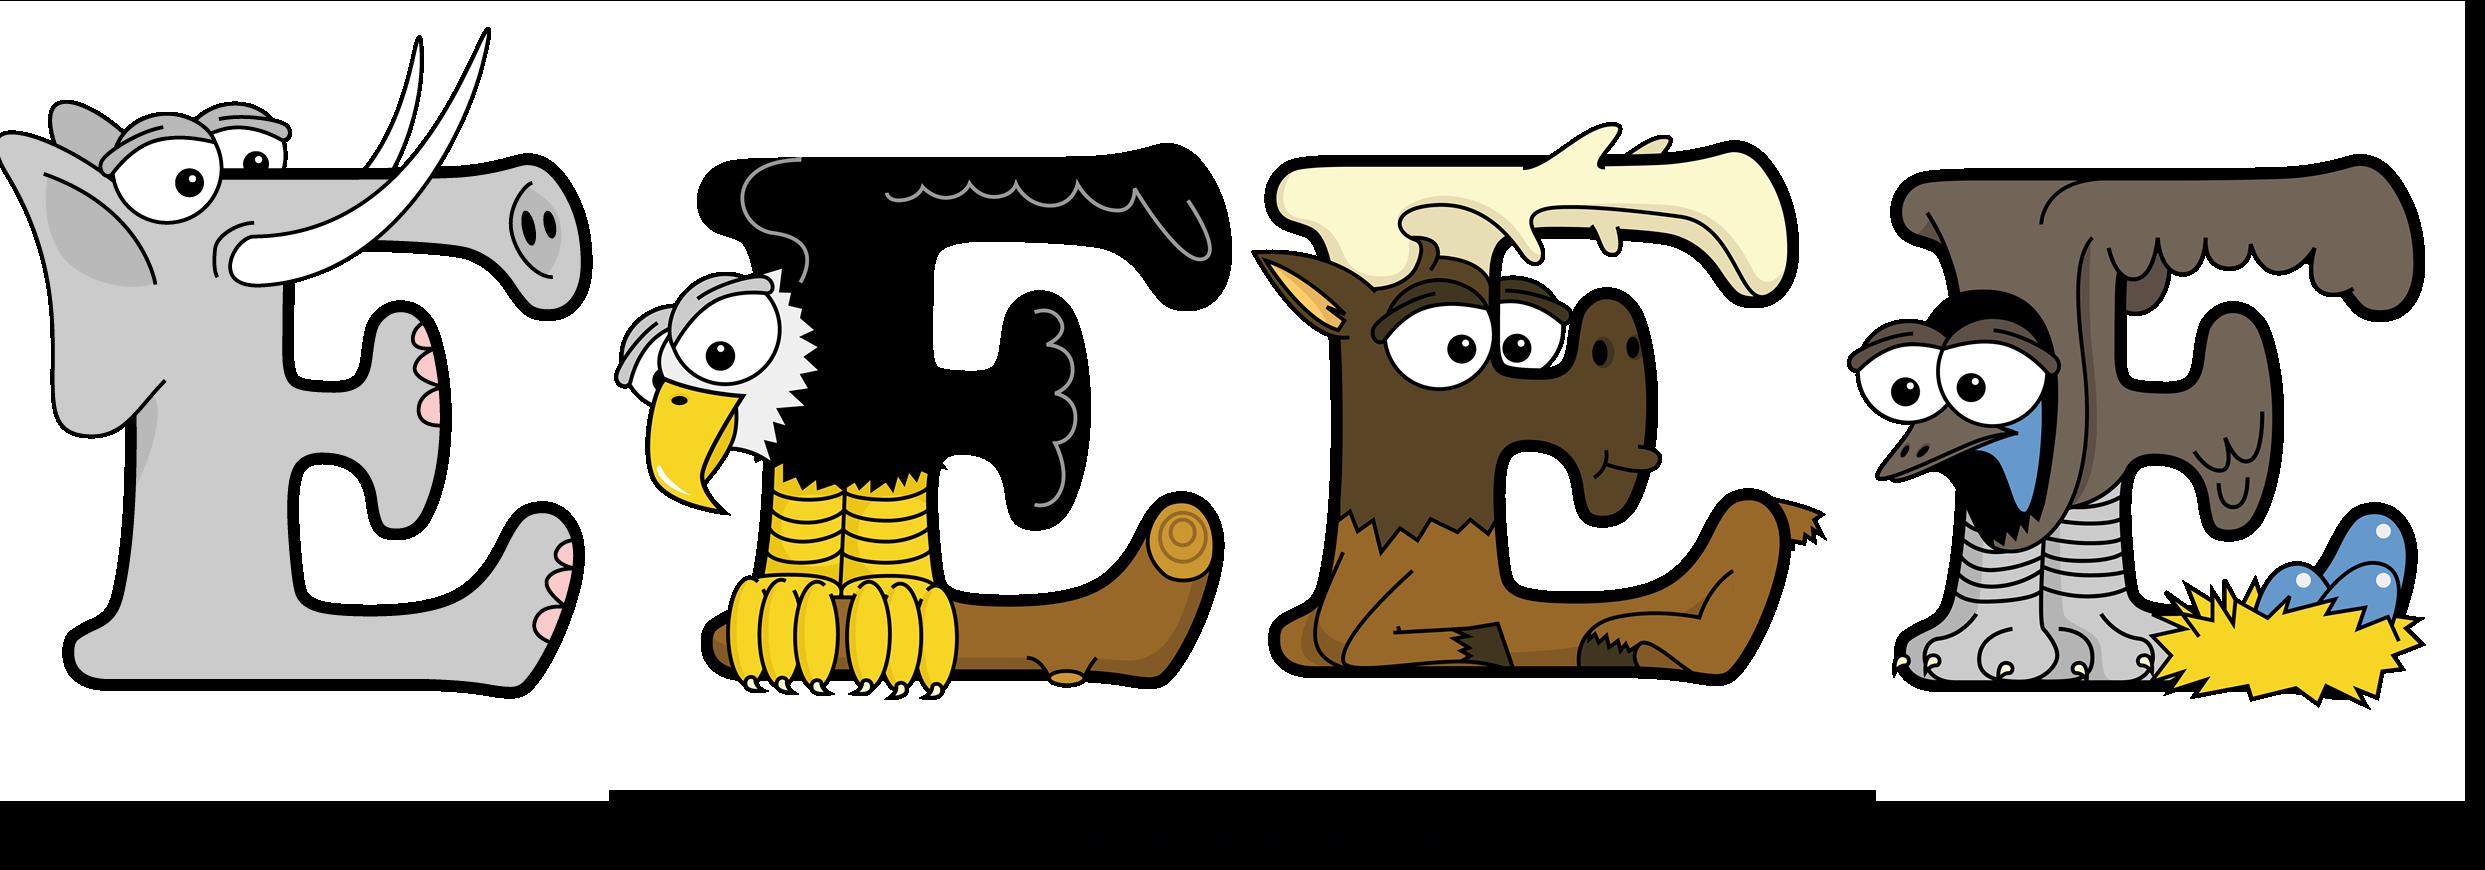 The word EEEE written in cute cartoon animal drawings